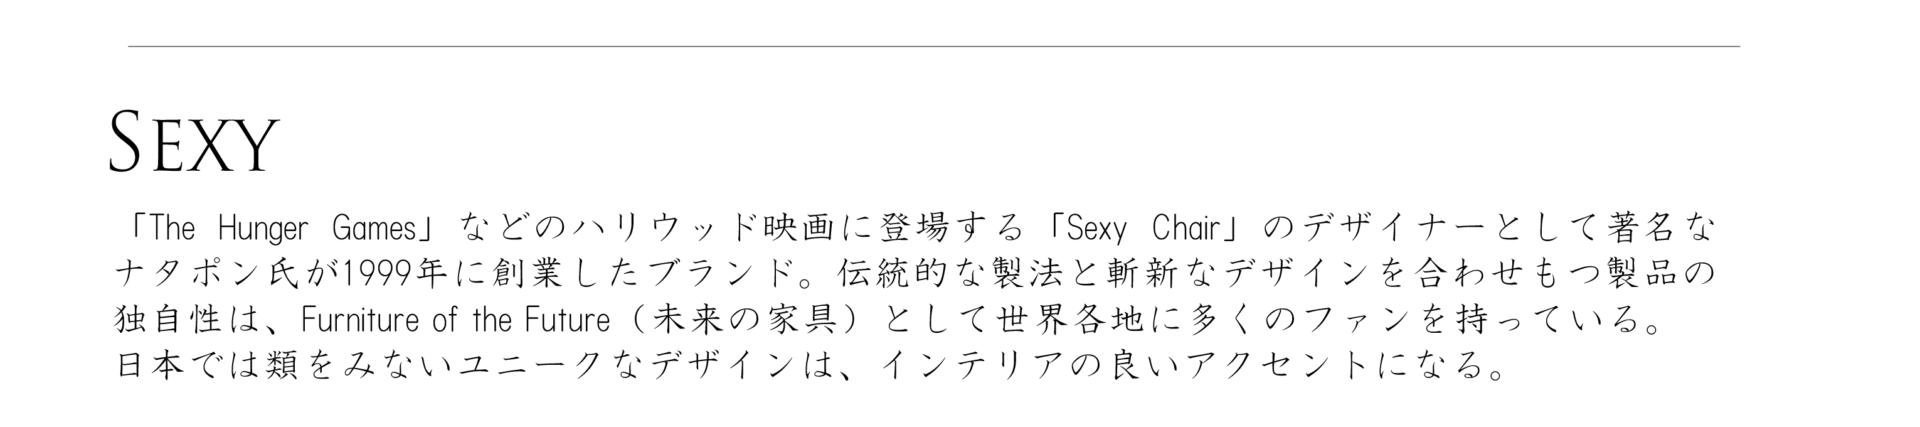 セクシーシリーズ、「The Hunger Games」などのハリウッド映画に登場する「Sexy Chair」のデザイナーとして著名なナタポン氏が1999年に創業したブランド。伝統的な製法と斬新なデザインを合わせもつ製品の独自性は、Furniture of the Future(未来の家具)として世界各地に多くのファンを持っている。日本では類をみないユニークなデザインは、インテリアの良いアクセントになる。